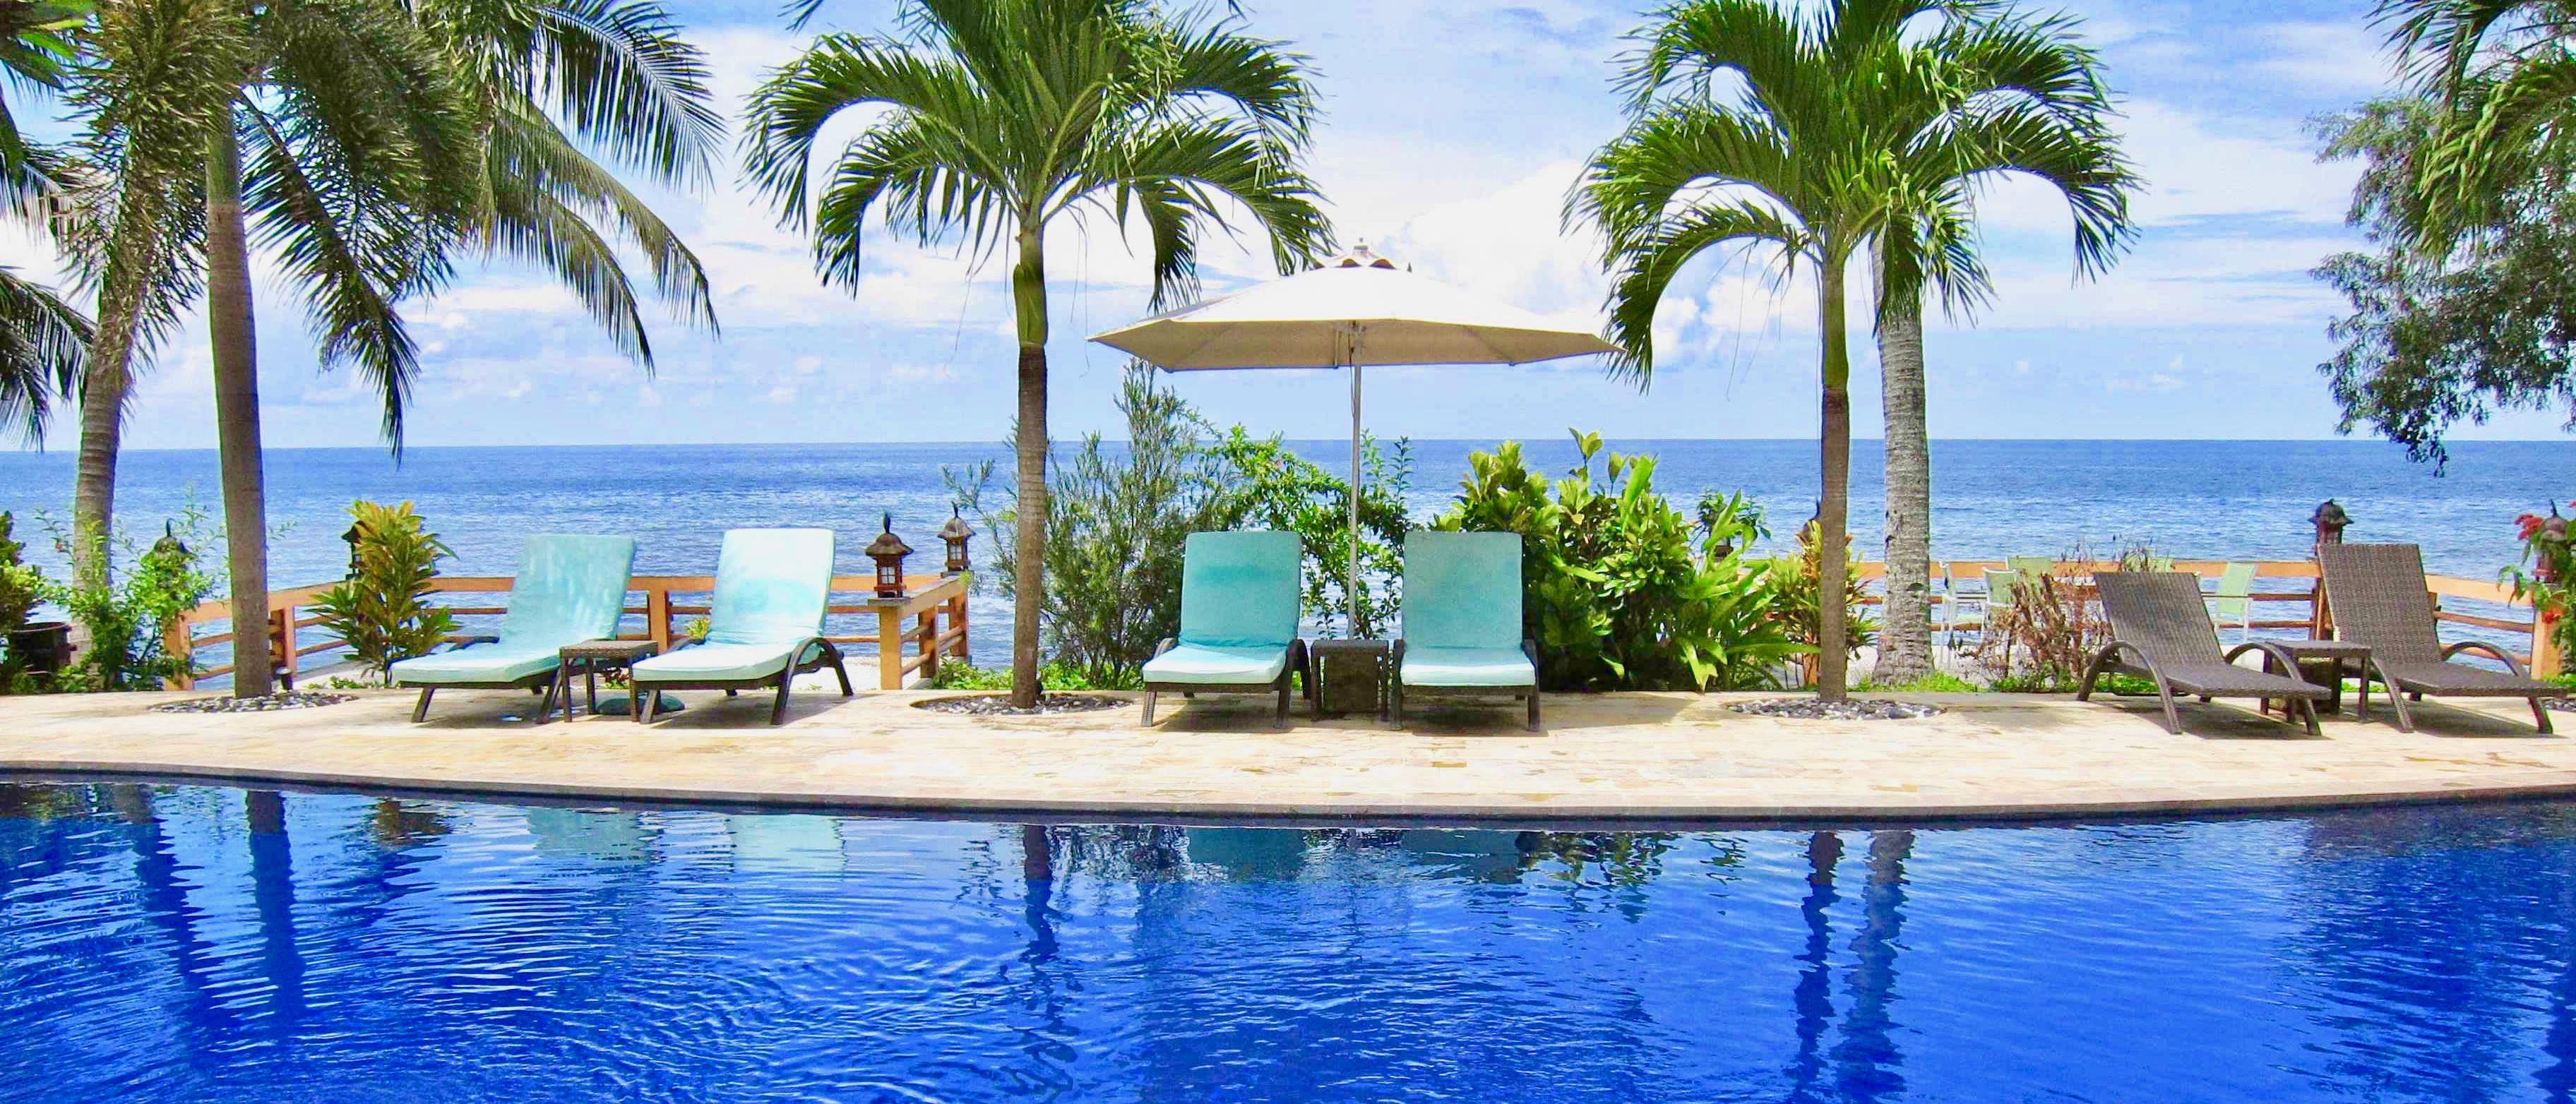 Bali-2-Pool-Ocean-wide